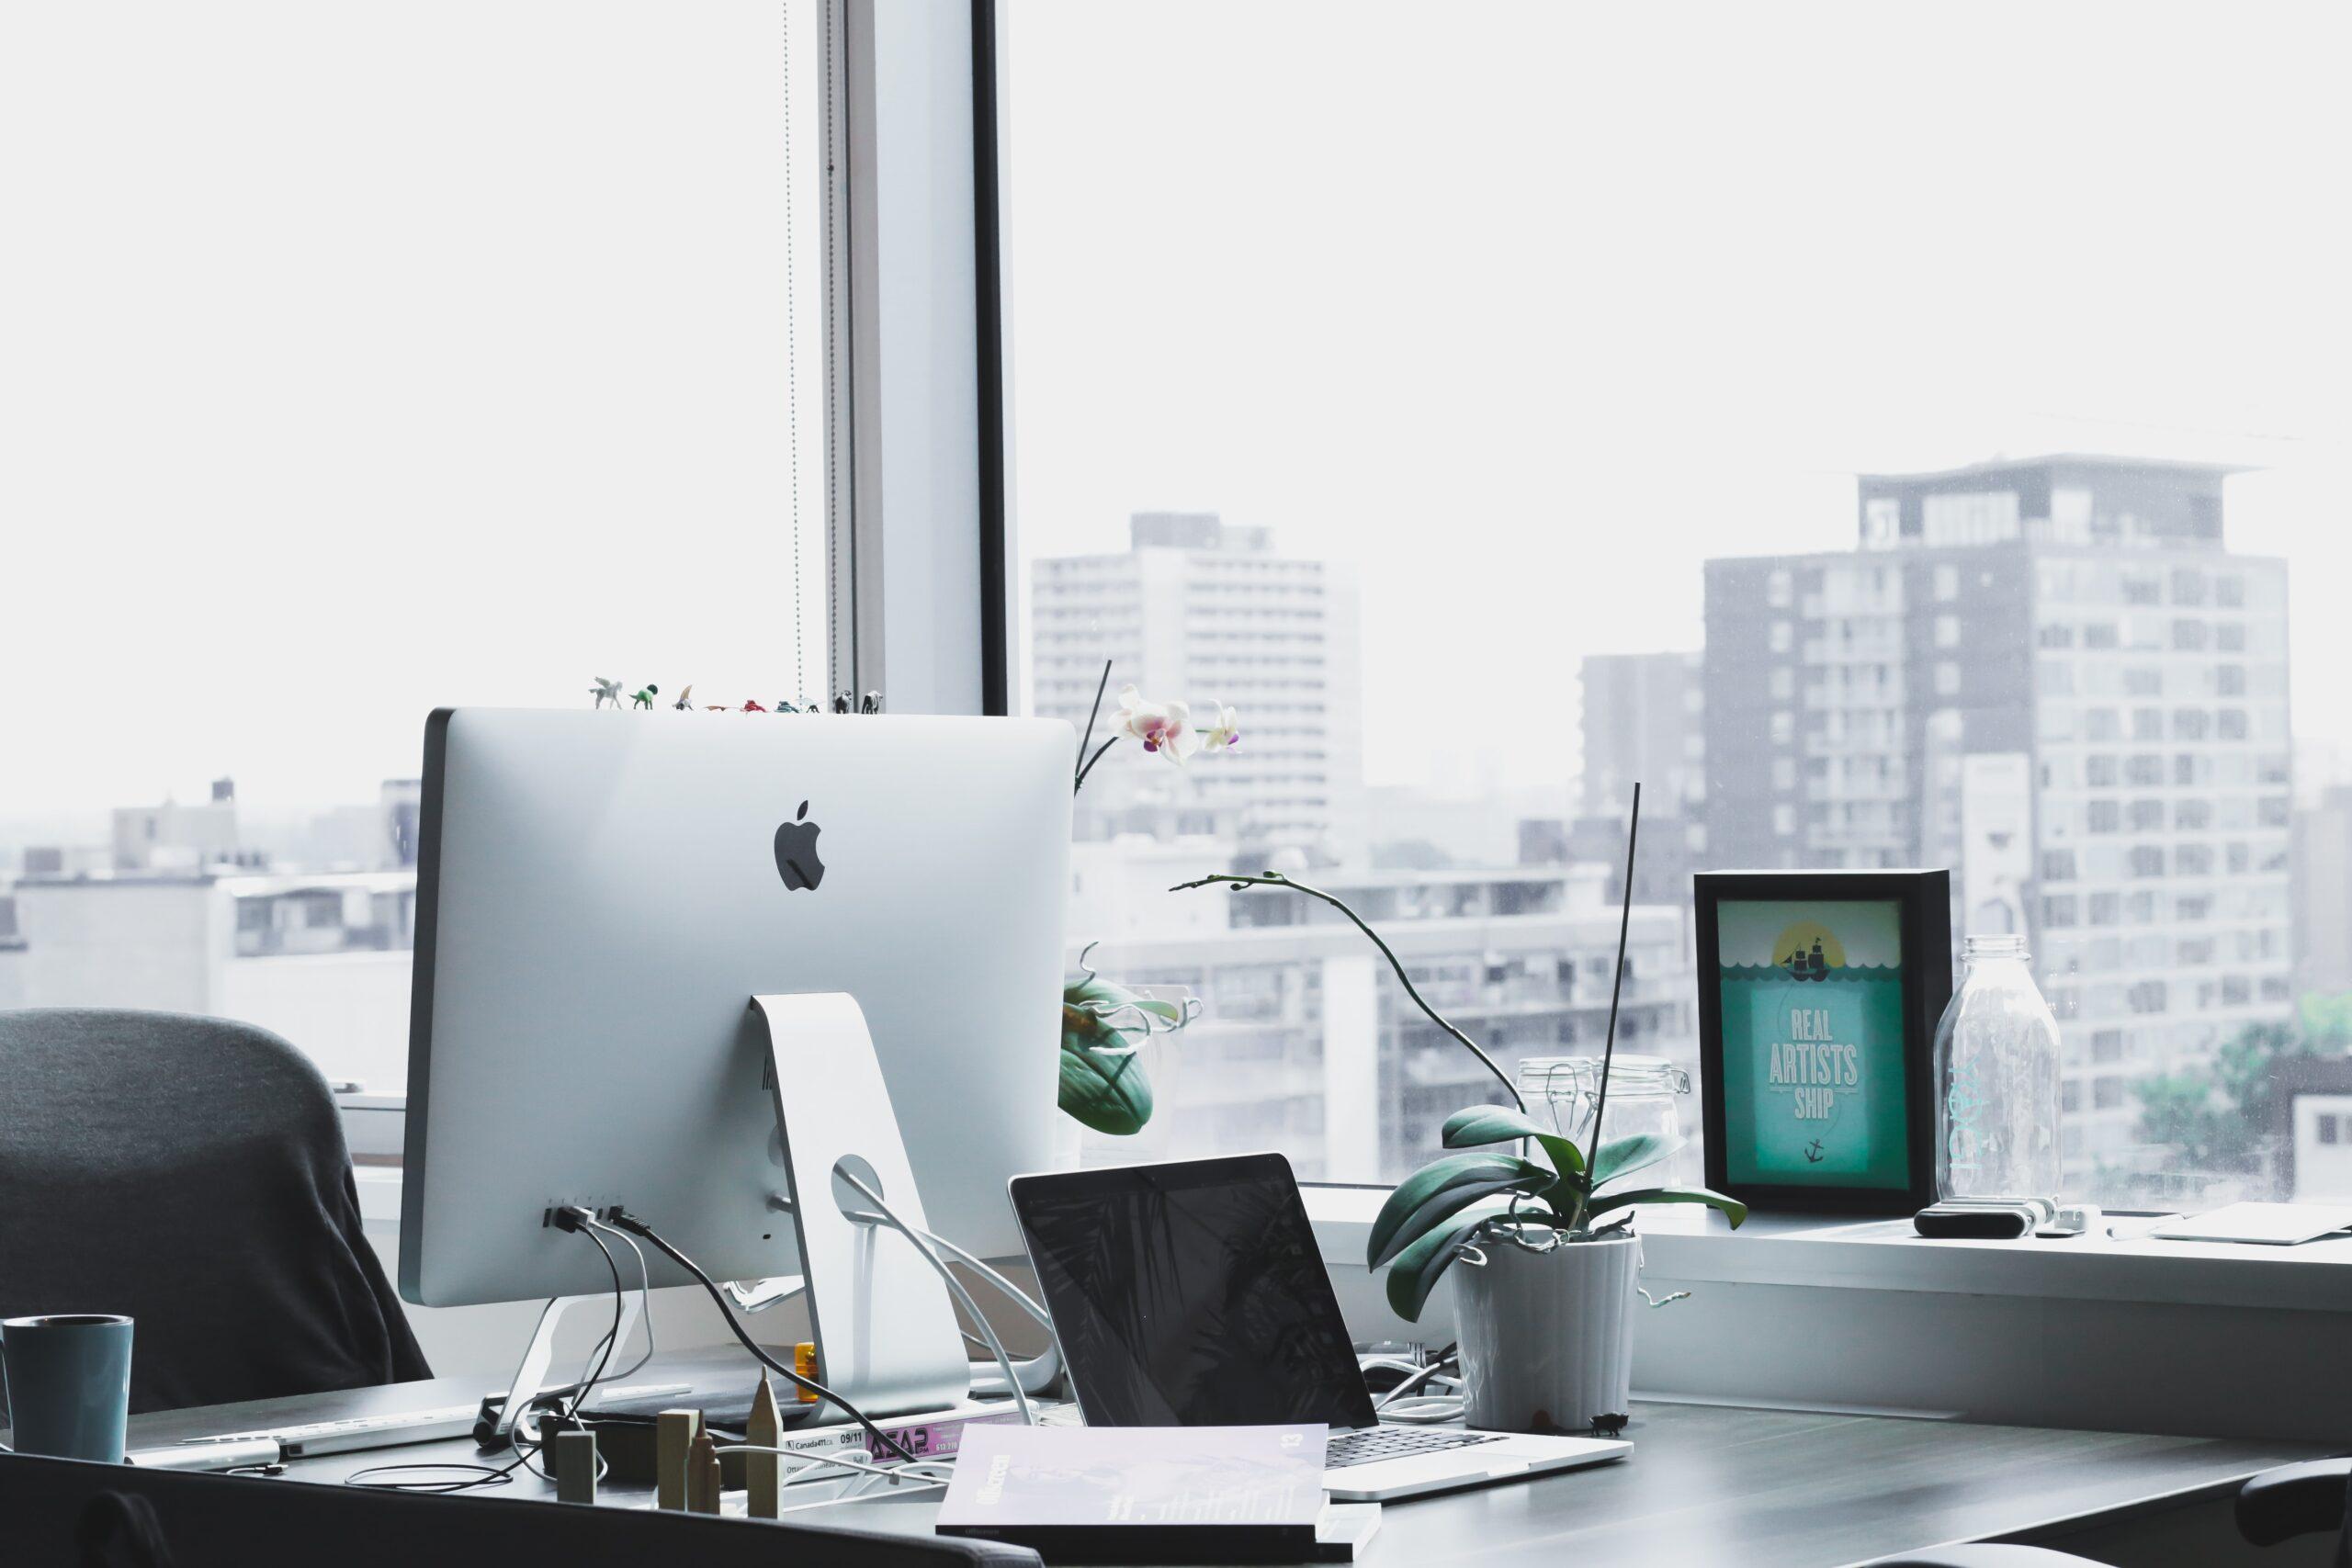 女性に優しいオフィス作りを意識しよう